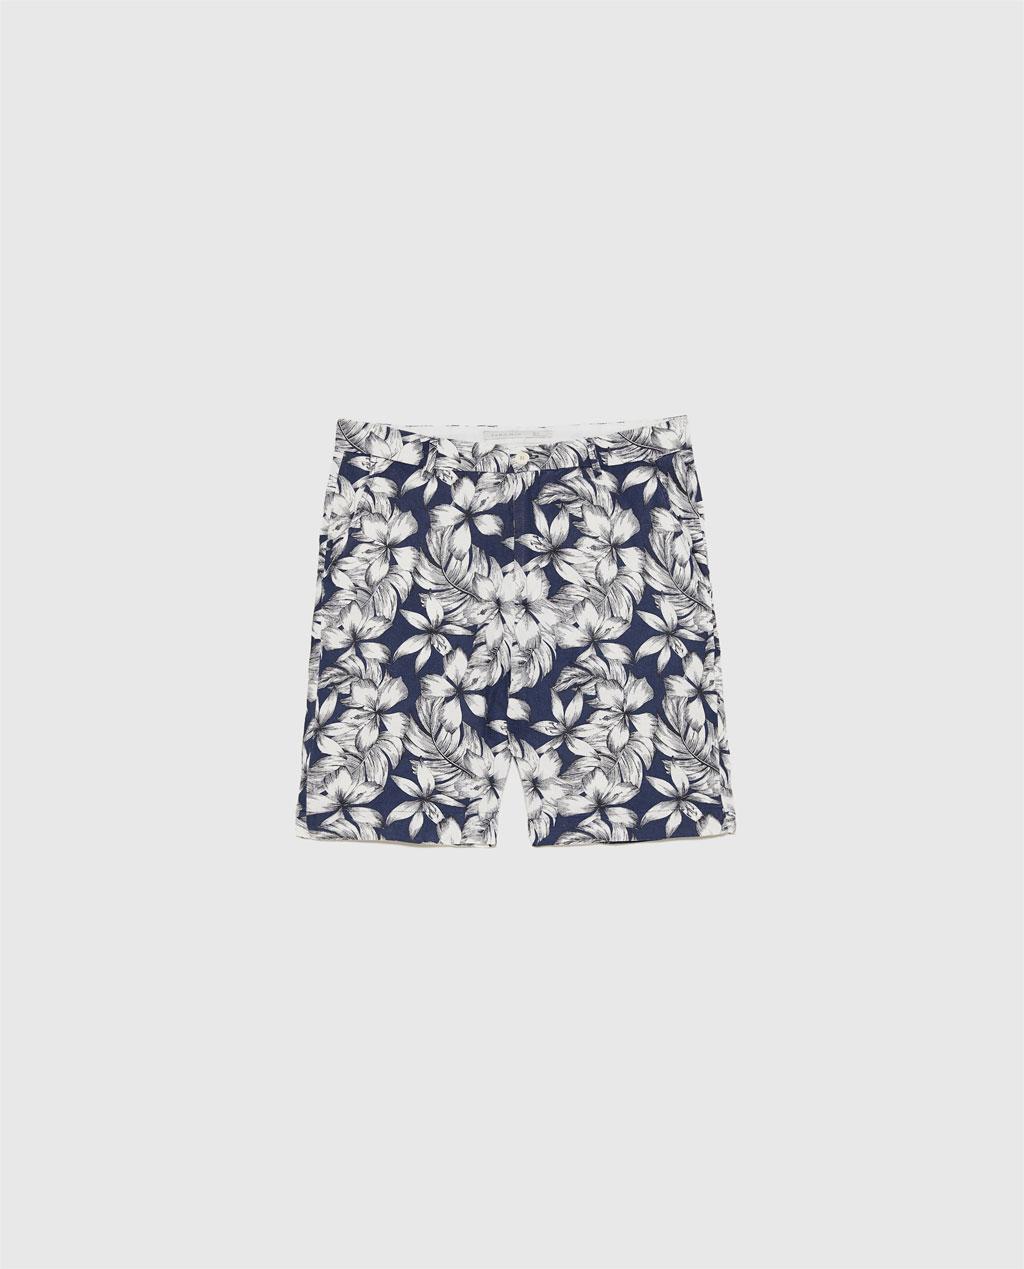 Thời trang nam Zara  24086 - ảnh 8